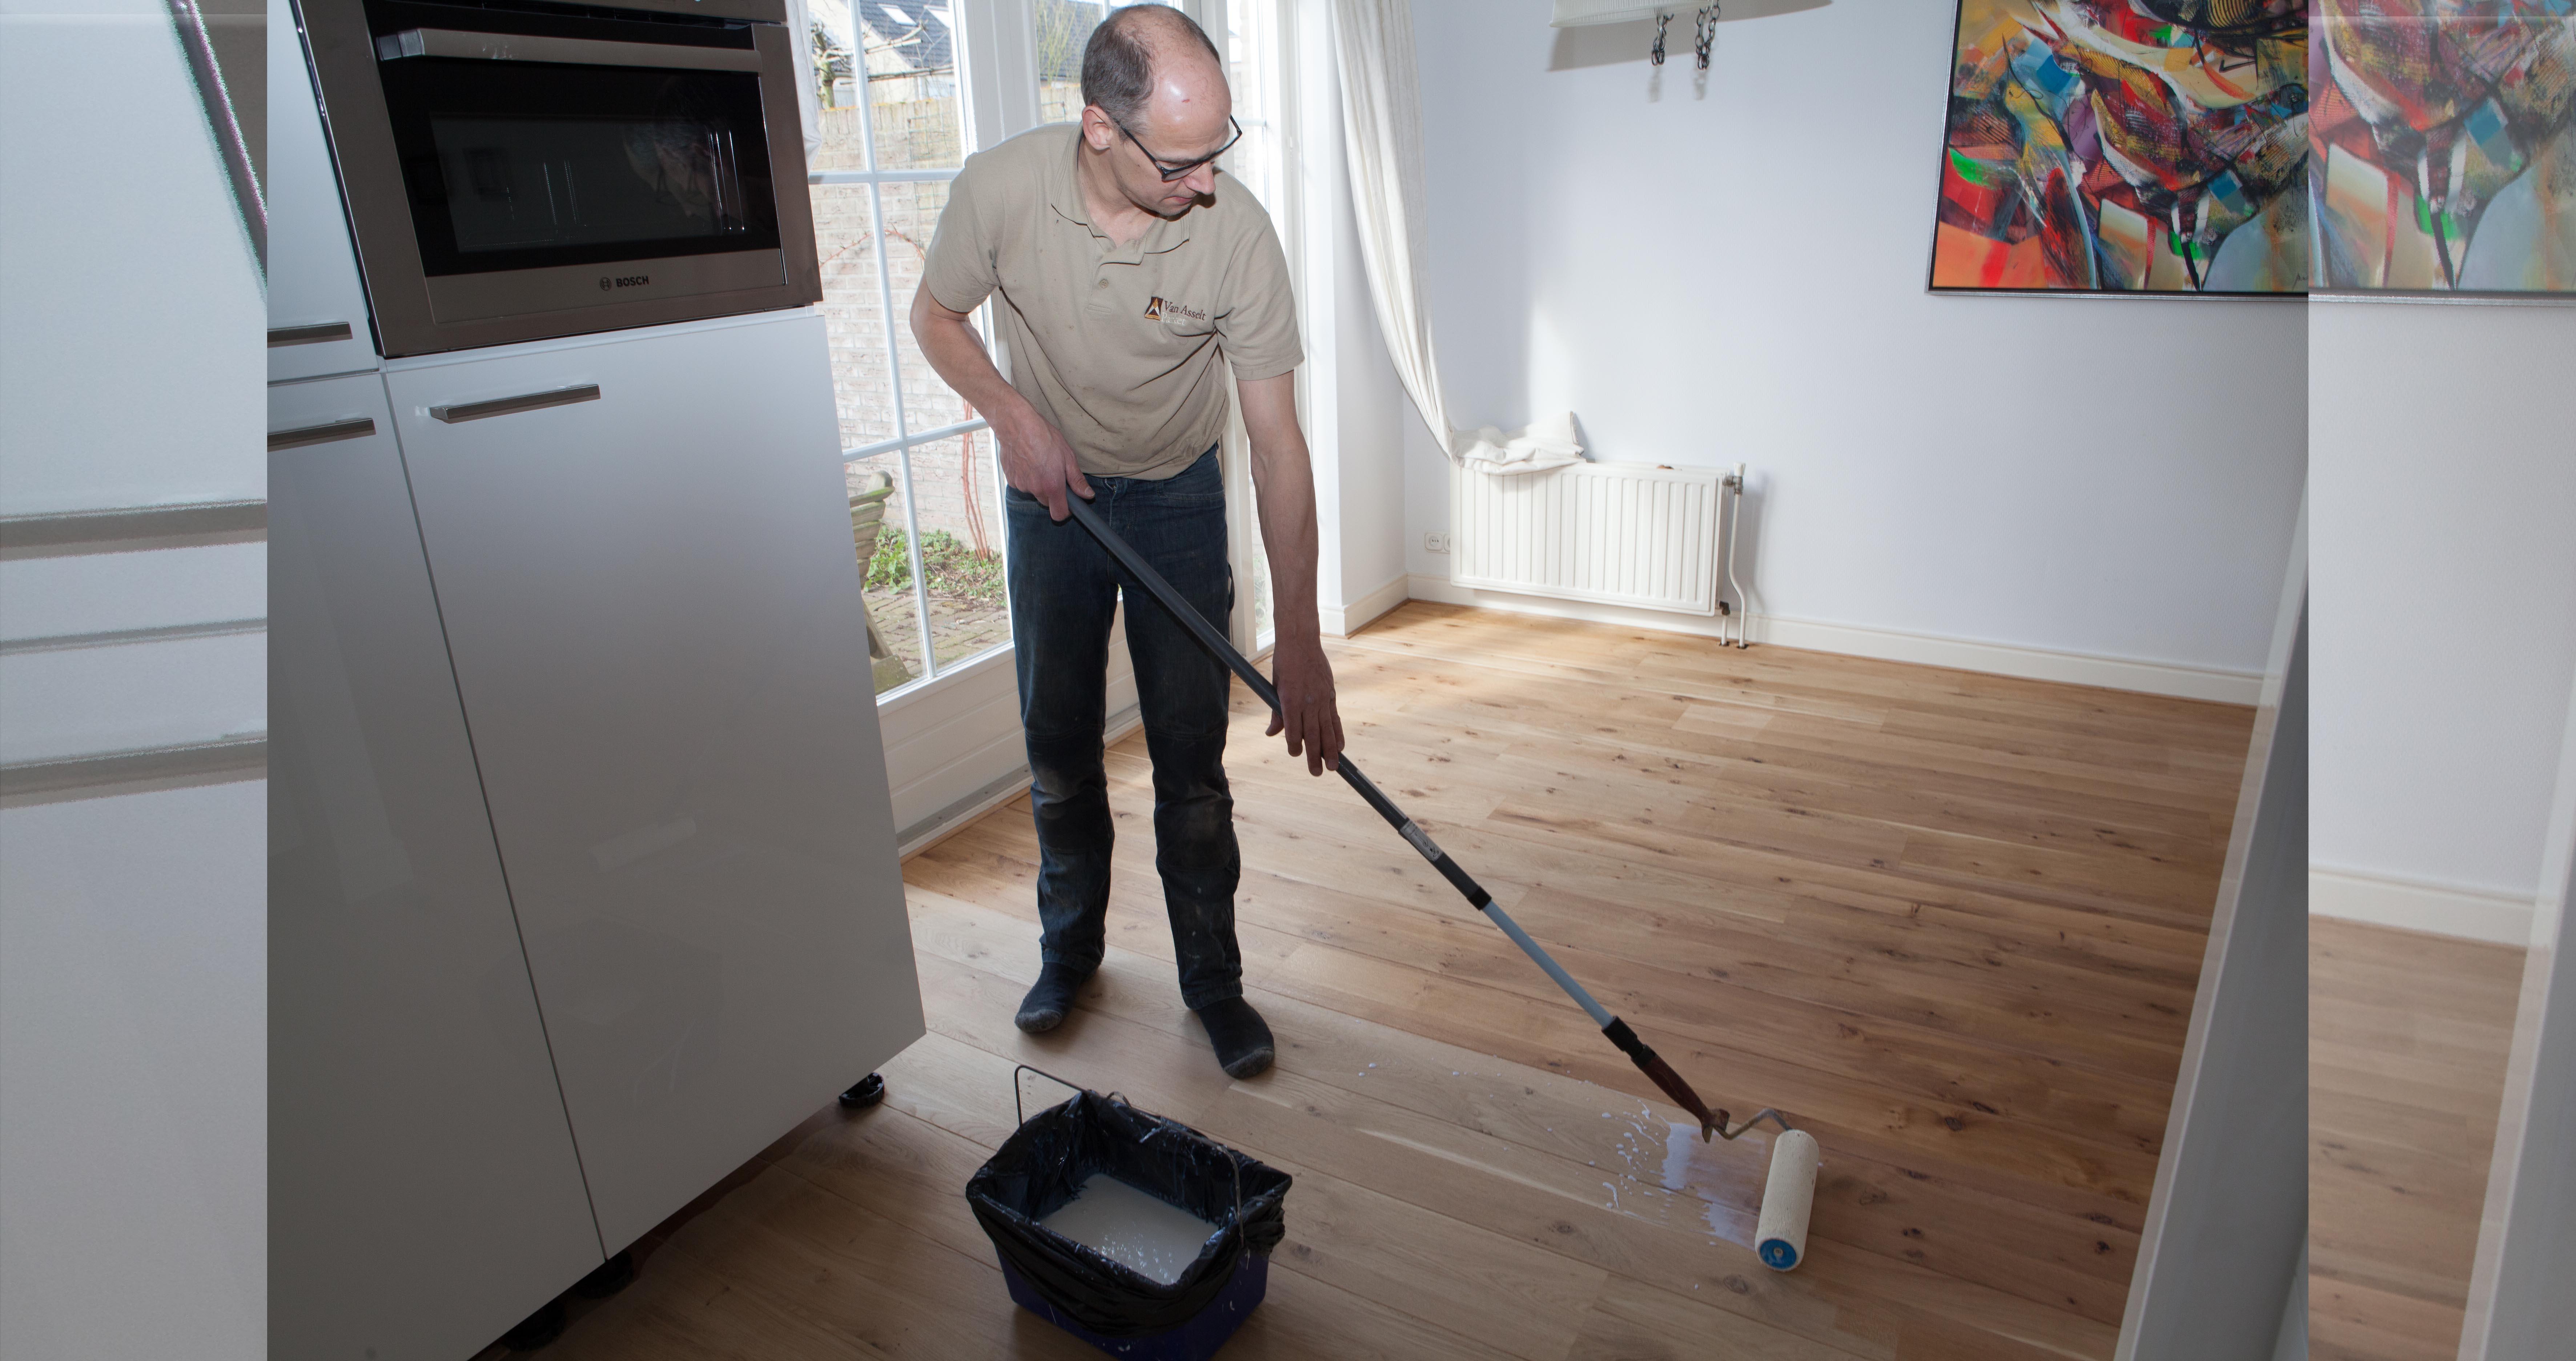 Onbehandelde Houten Vloer : Op zoek naar een houten vloer met onbehandelde uitstraling van